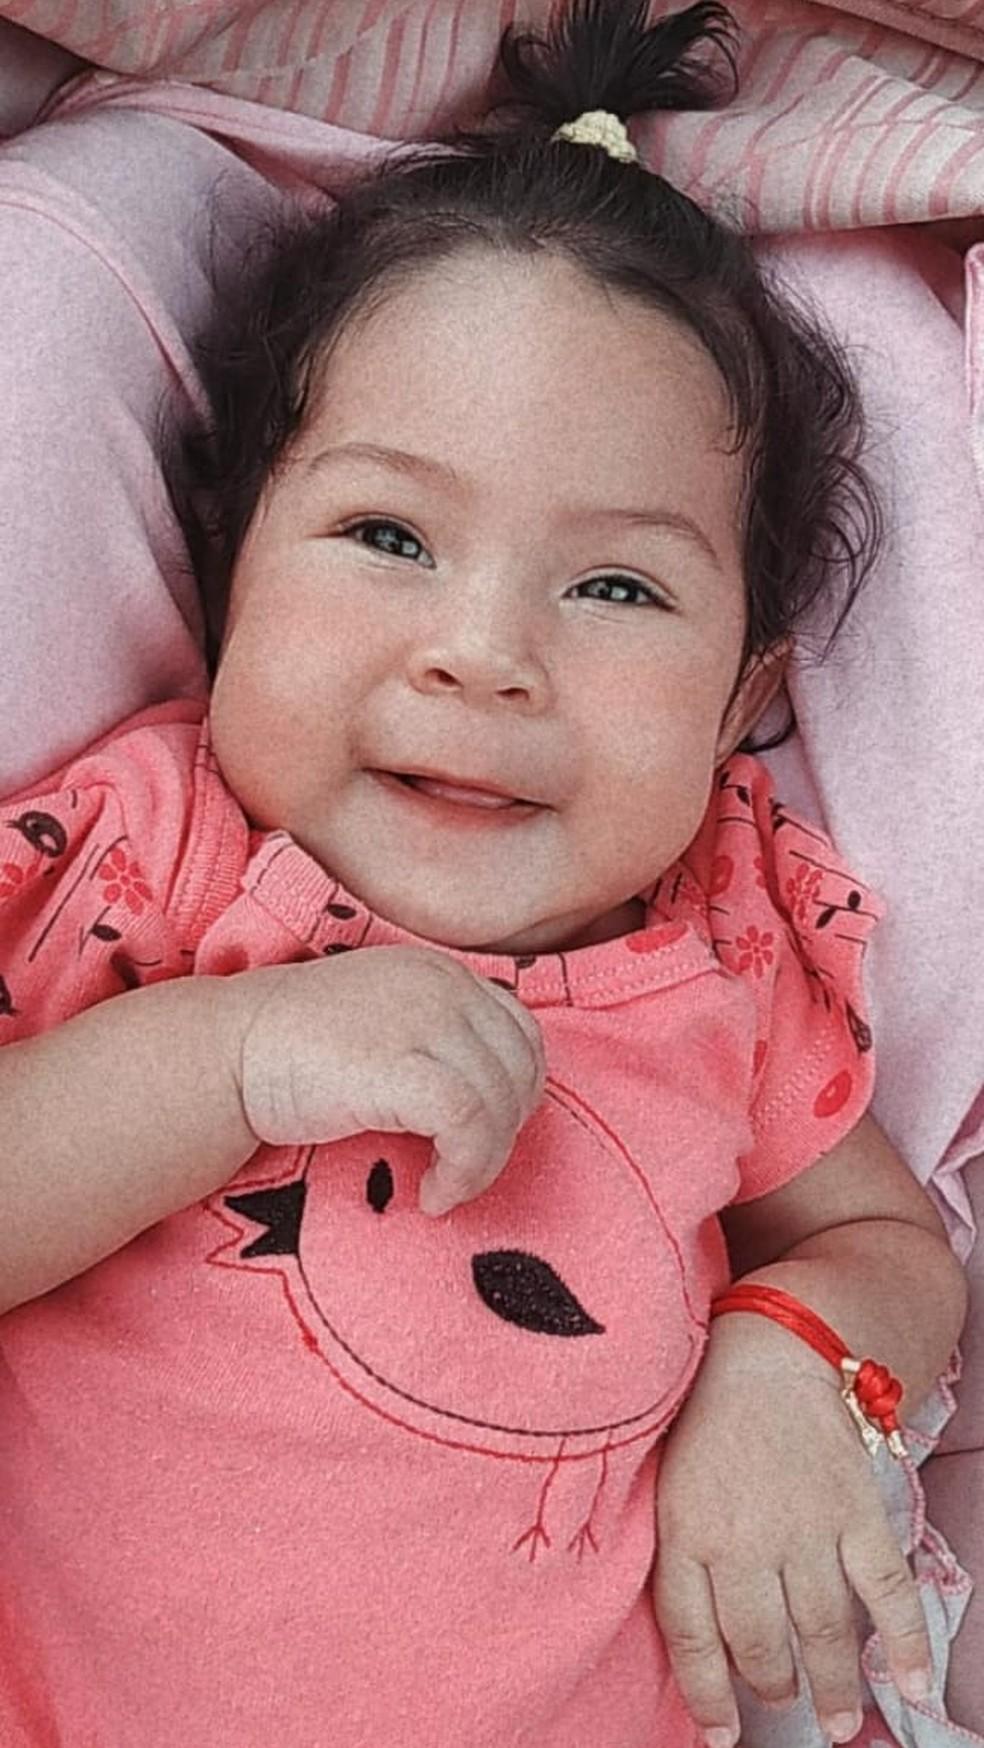 Alice Dias Pereira tinha 5 meses quando foi diagnosticada com Amiotrofia Muscular Espinhal (AME) — Foto: Arquivo pessoal